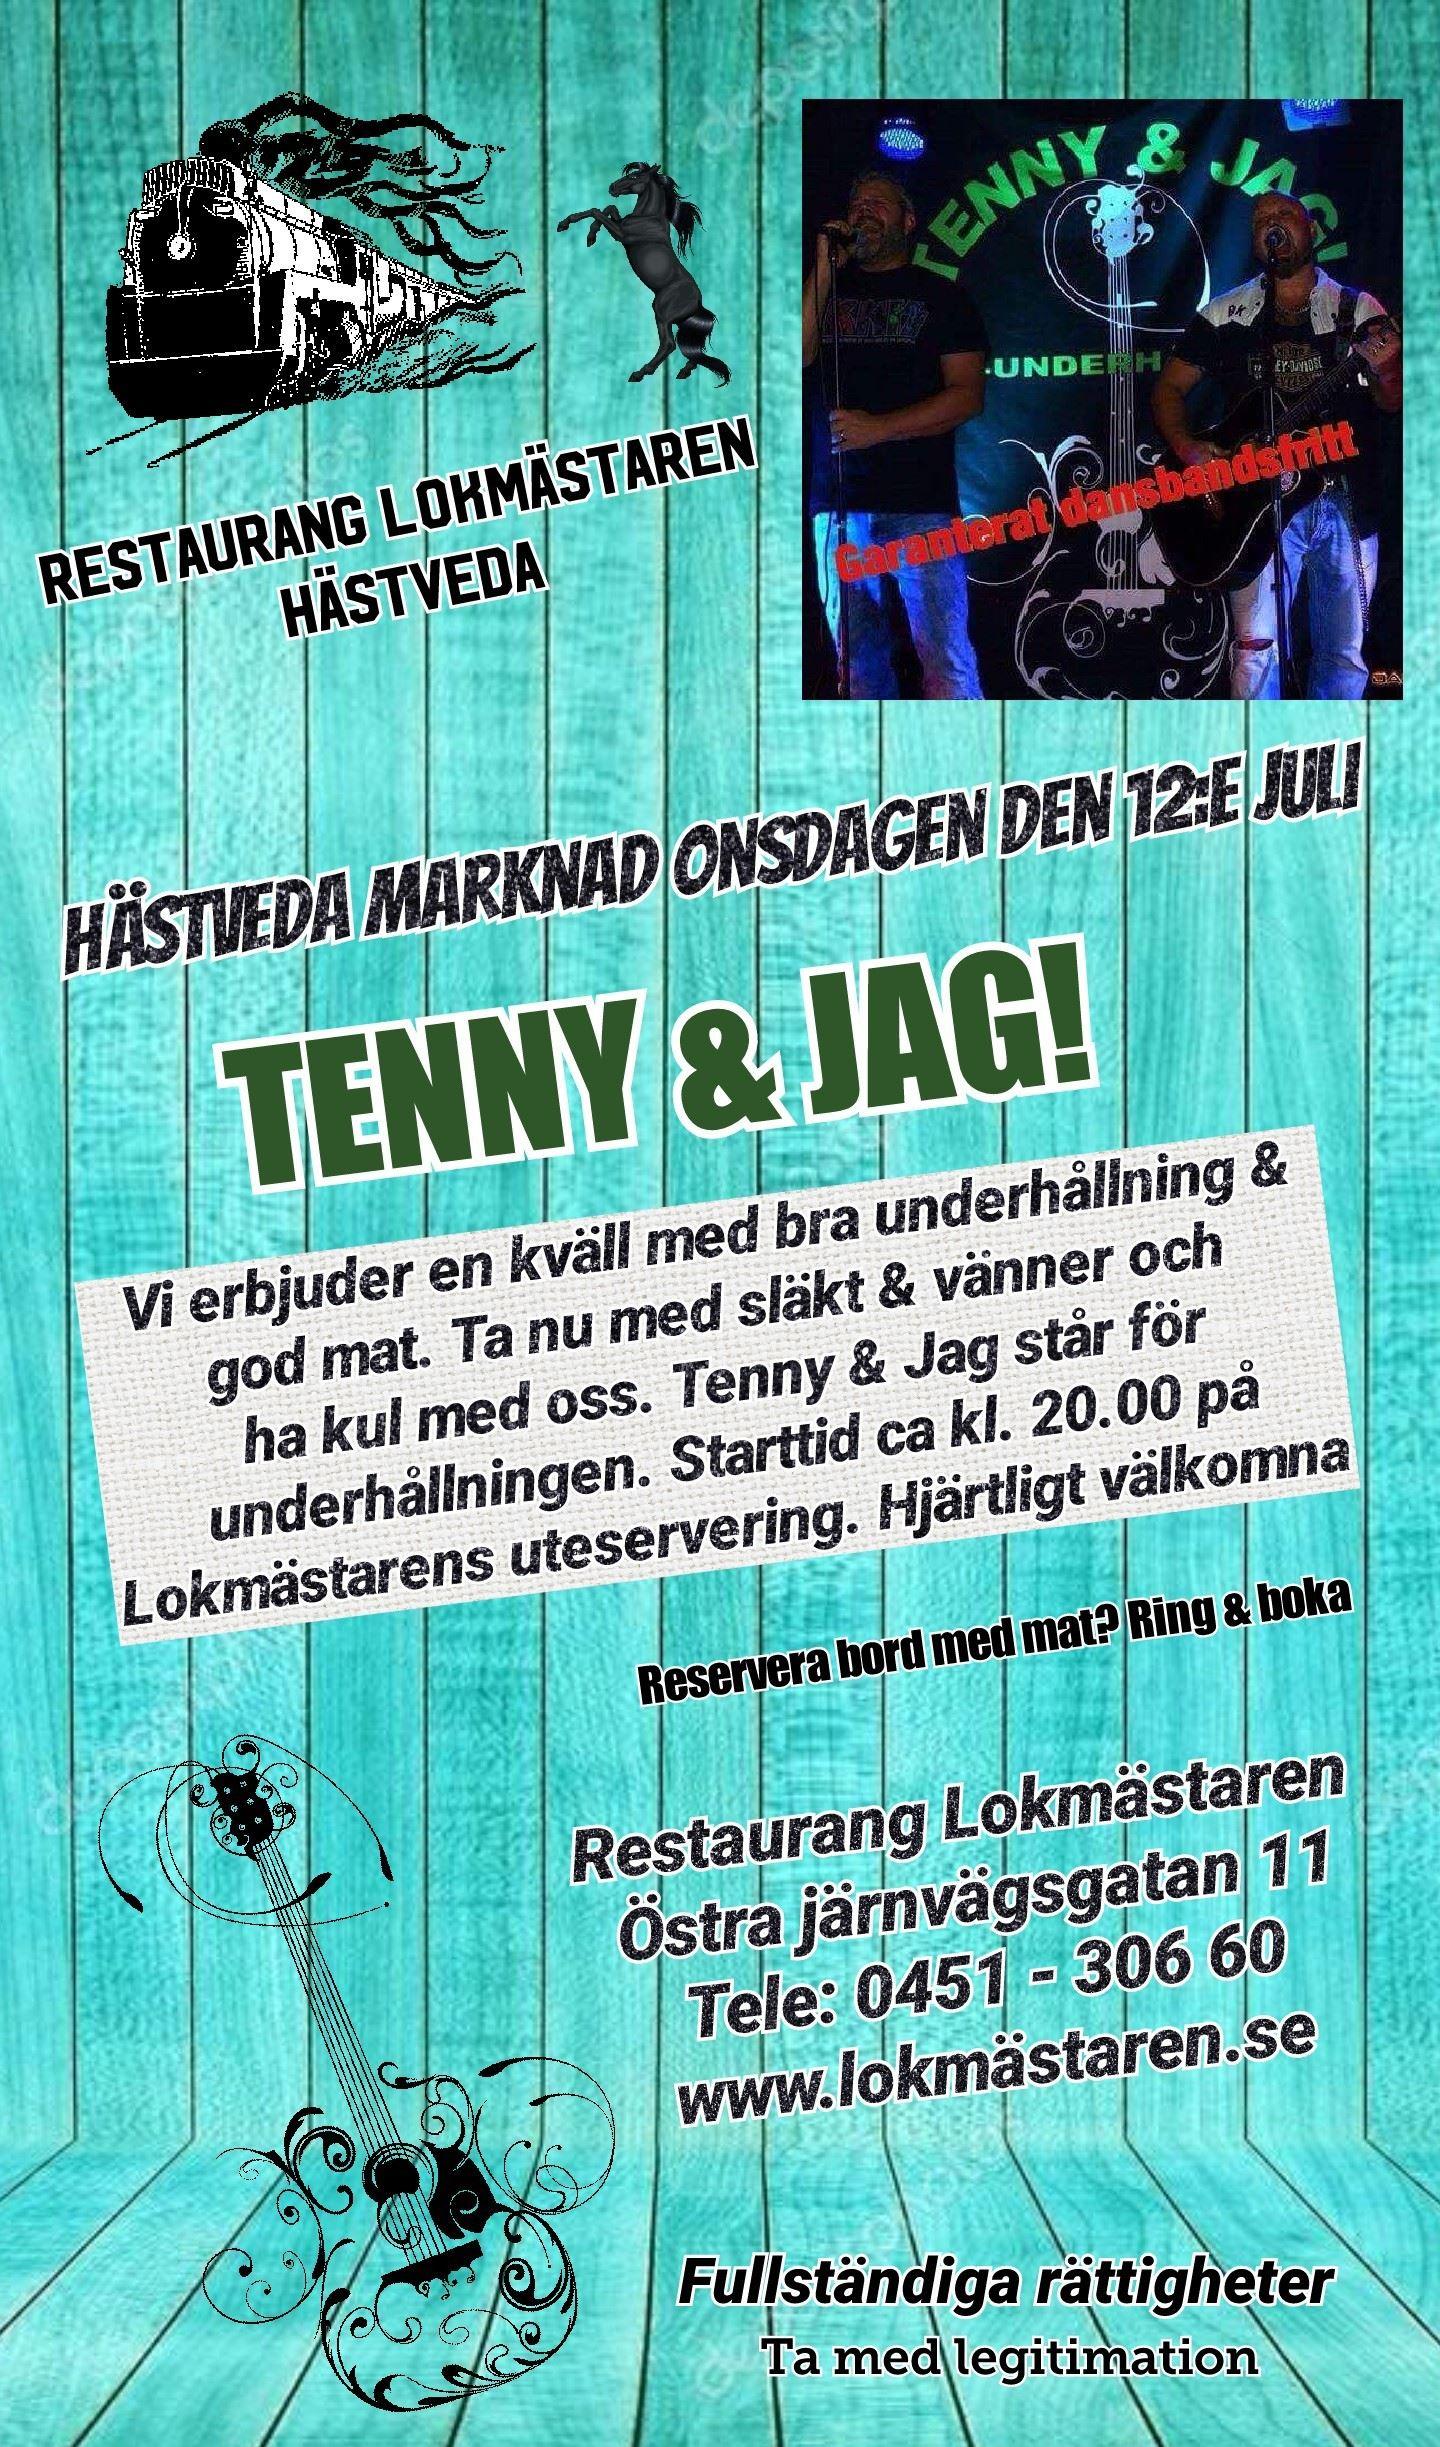 Tynny & Jag på Lokmästaren